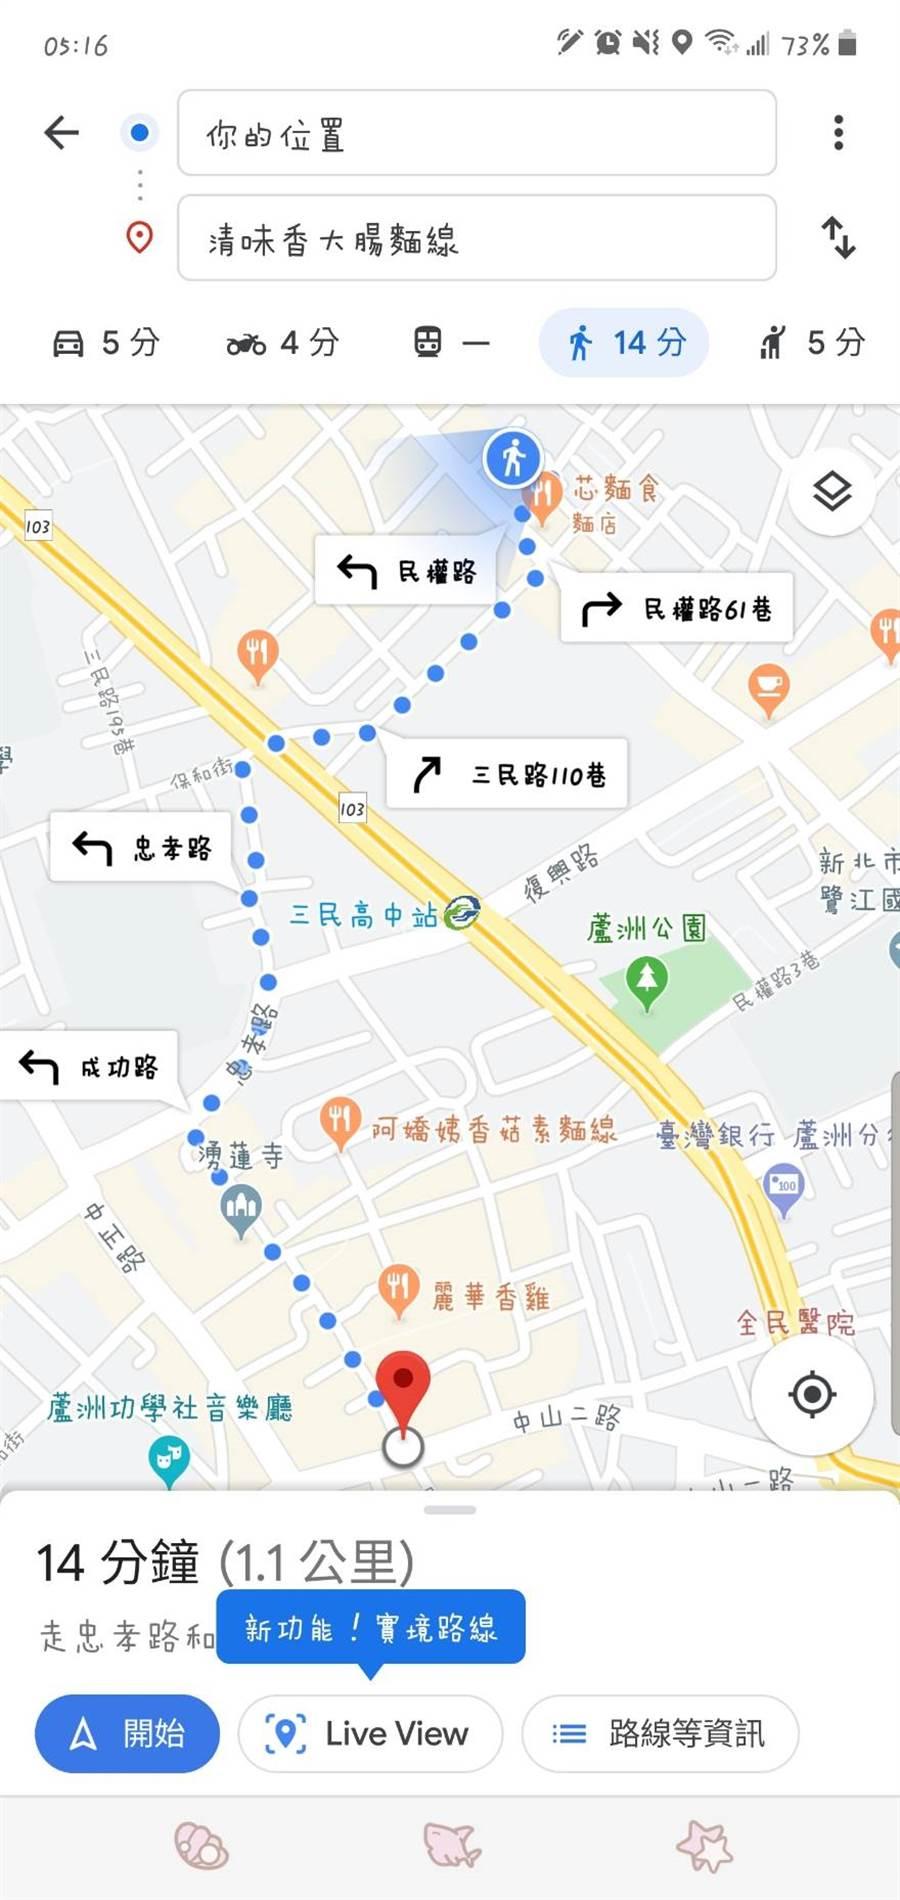 為了拯救路痴,Google Map導航推出新功能「AR實景導航」,只要打開Google地圖,並設定成「步行」來導航,就會看見「Live View」按鈕 (圖/林毅攝)